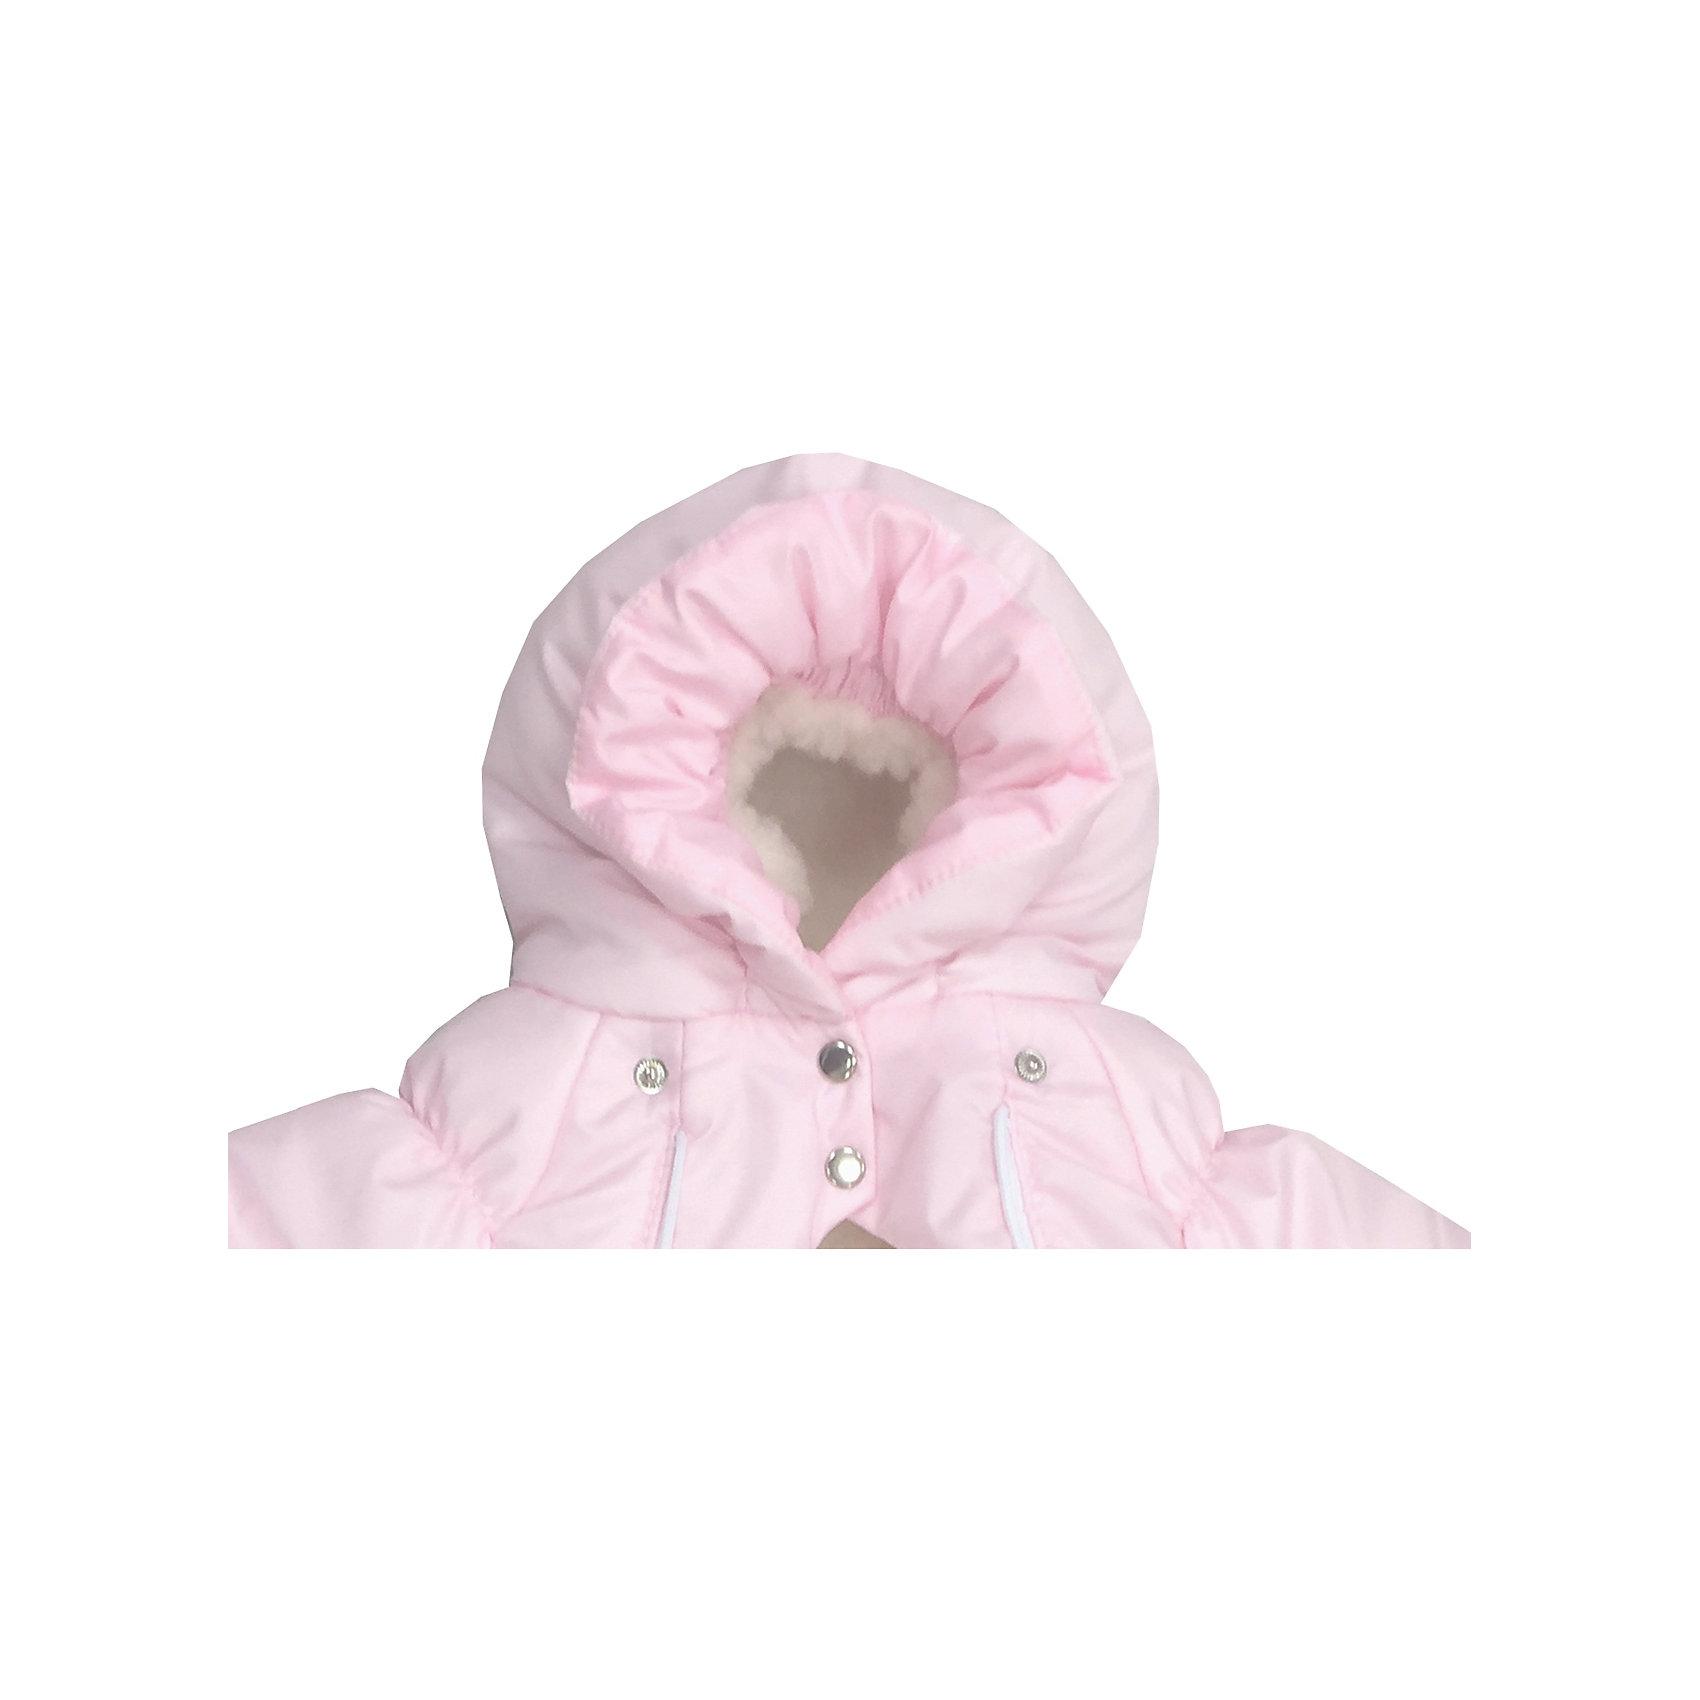 Конверт-комбинезон с ручками Зайчики, овчина, СуперМаМкет, розовый